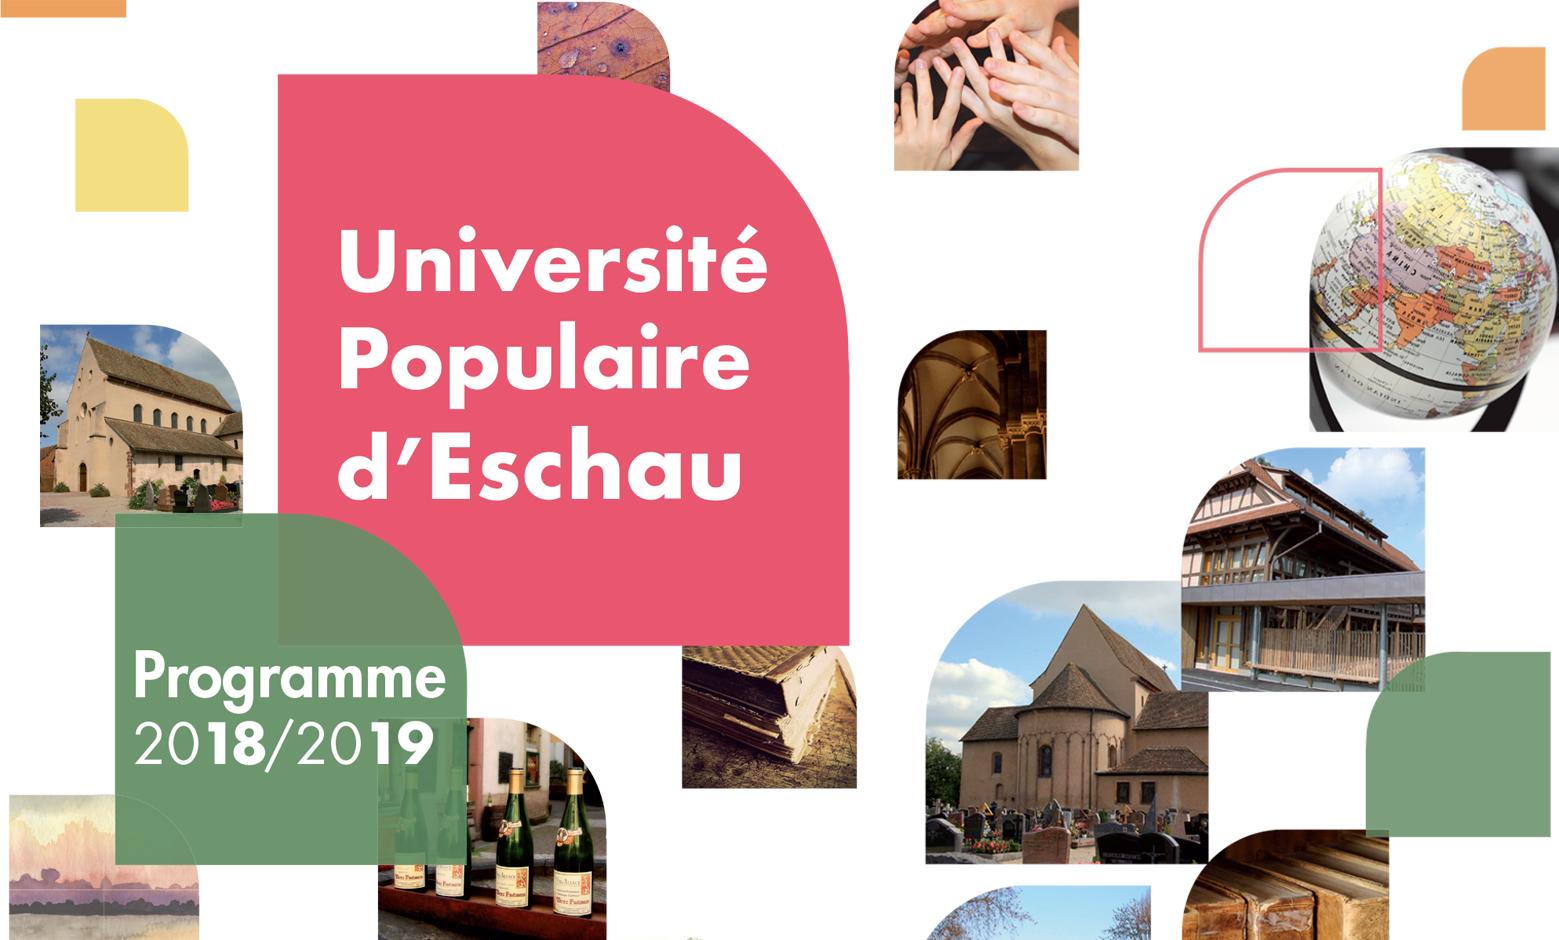 69fb310d42 Université Populaire   Commune d'Eschau